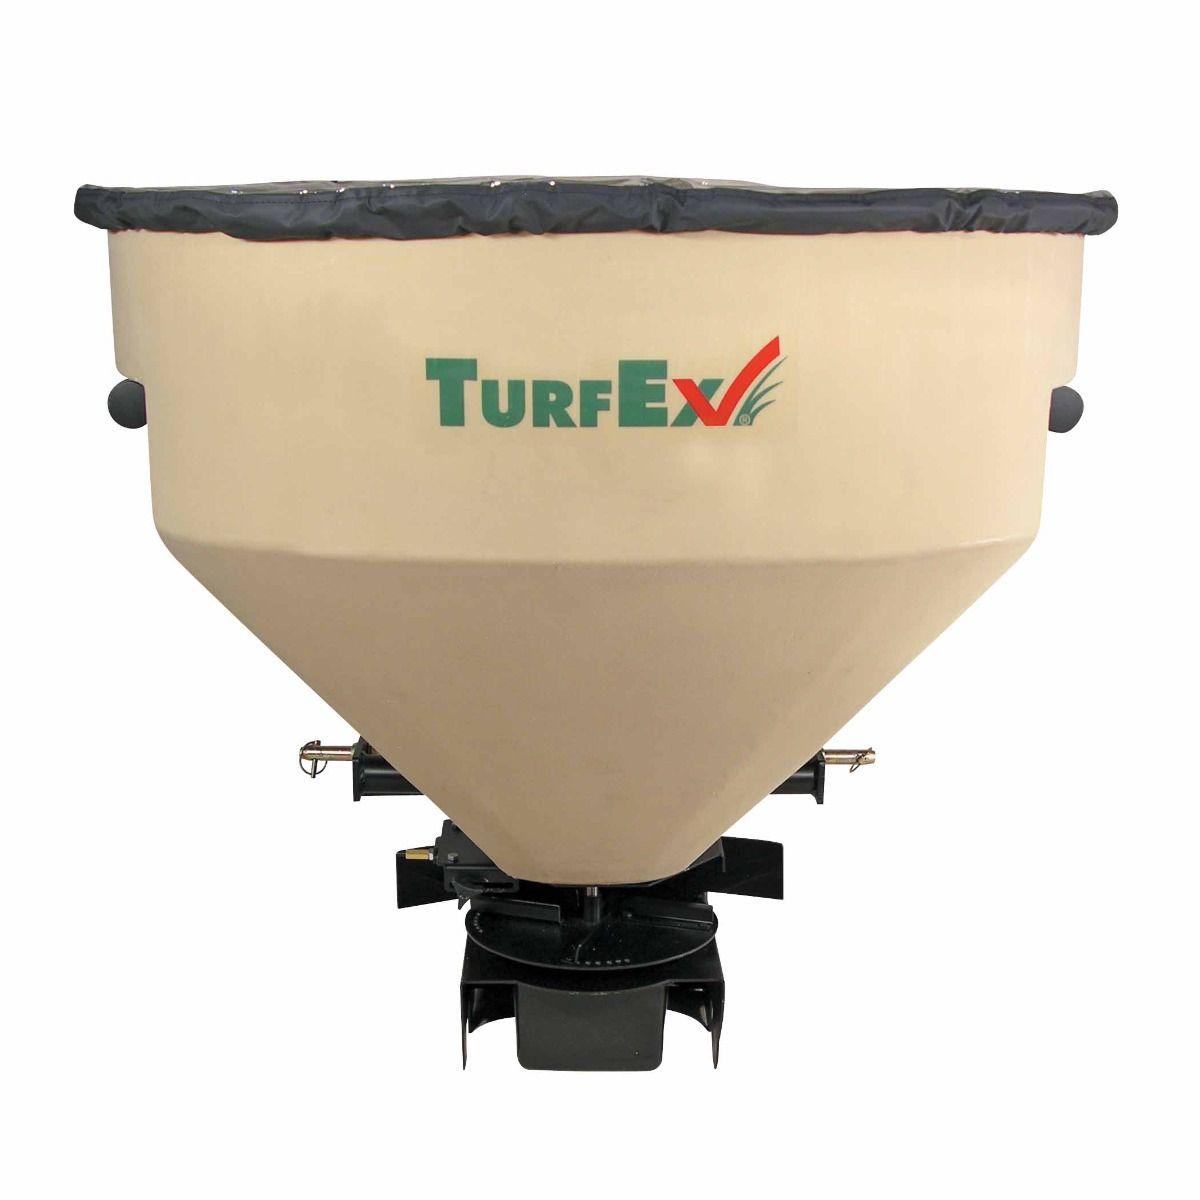 TS 300 TurfEx Spreader